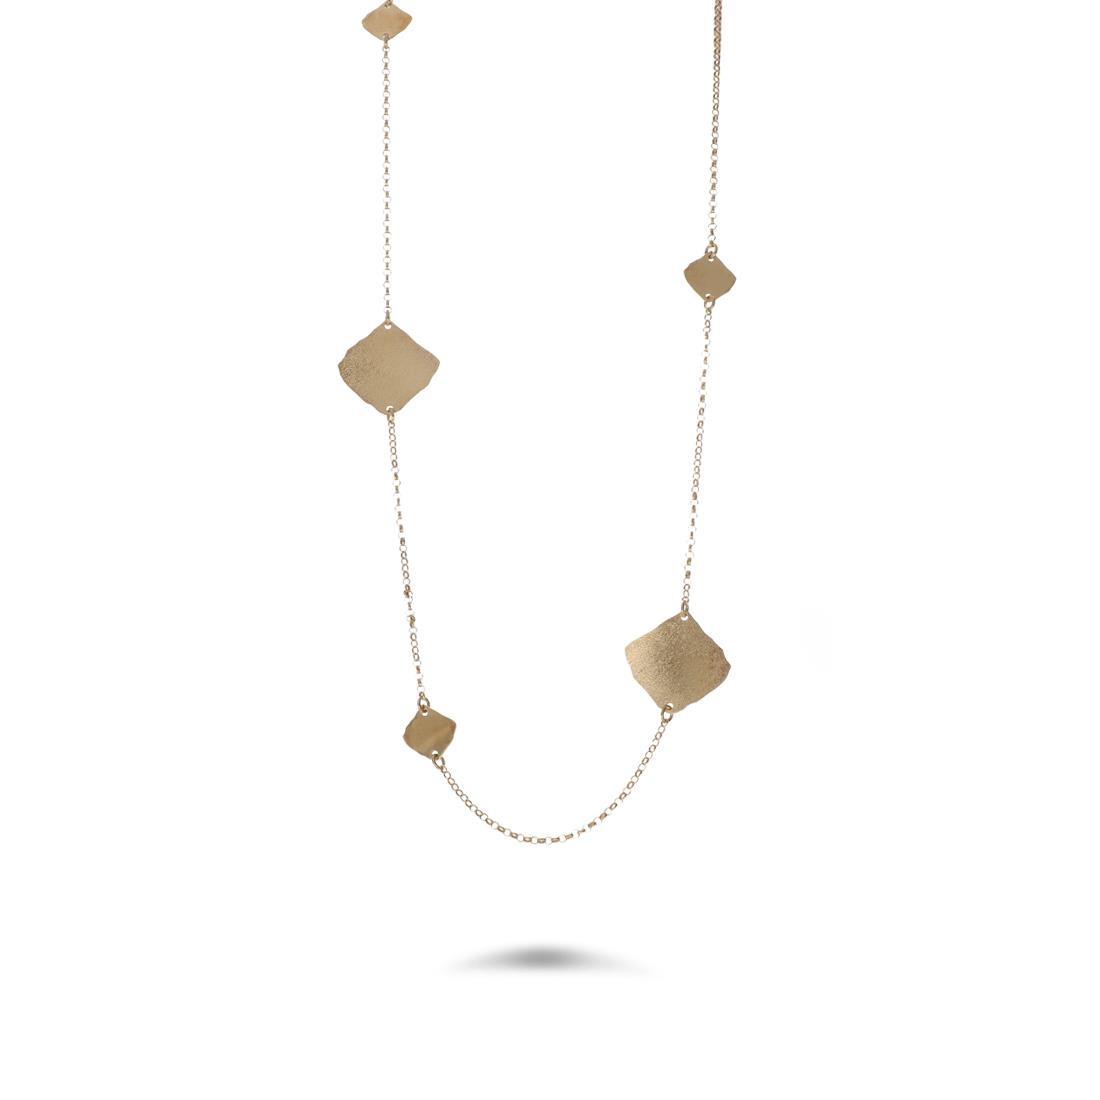 Collana lunga in argento - NOMINATION